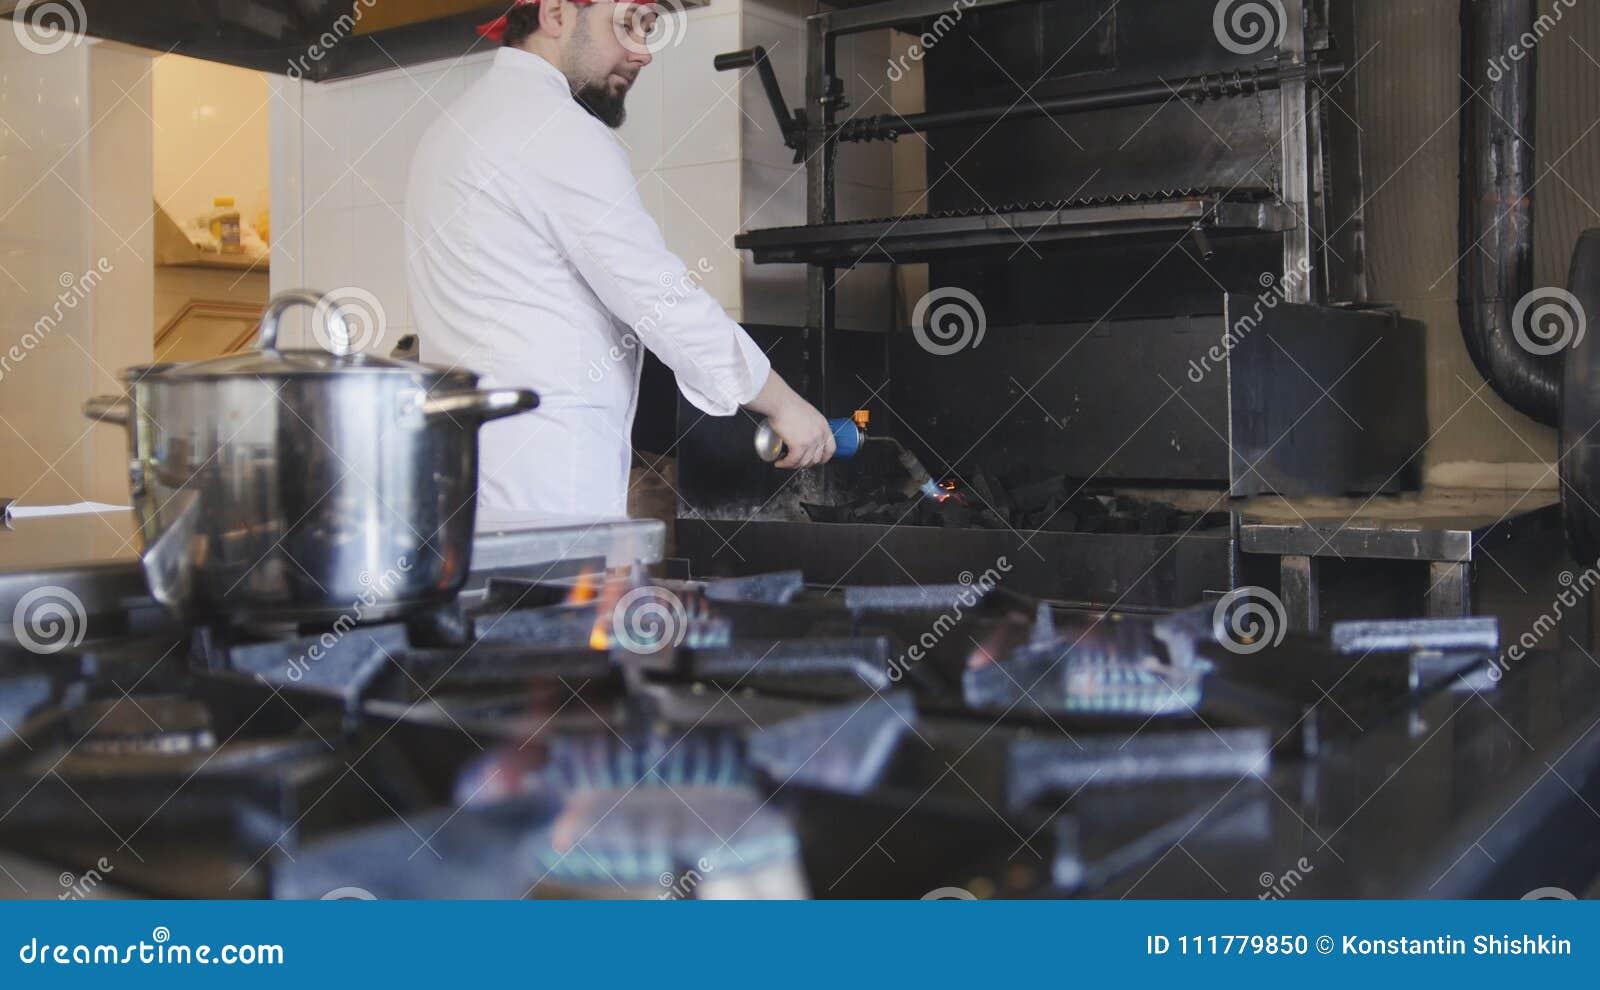 Ανάφλεξη του ξυλάνθρακα στο φούρνο σχαρών που χρησιμοποιεί έναν καυστήρα αερίου σε αργή κίνηση